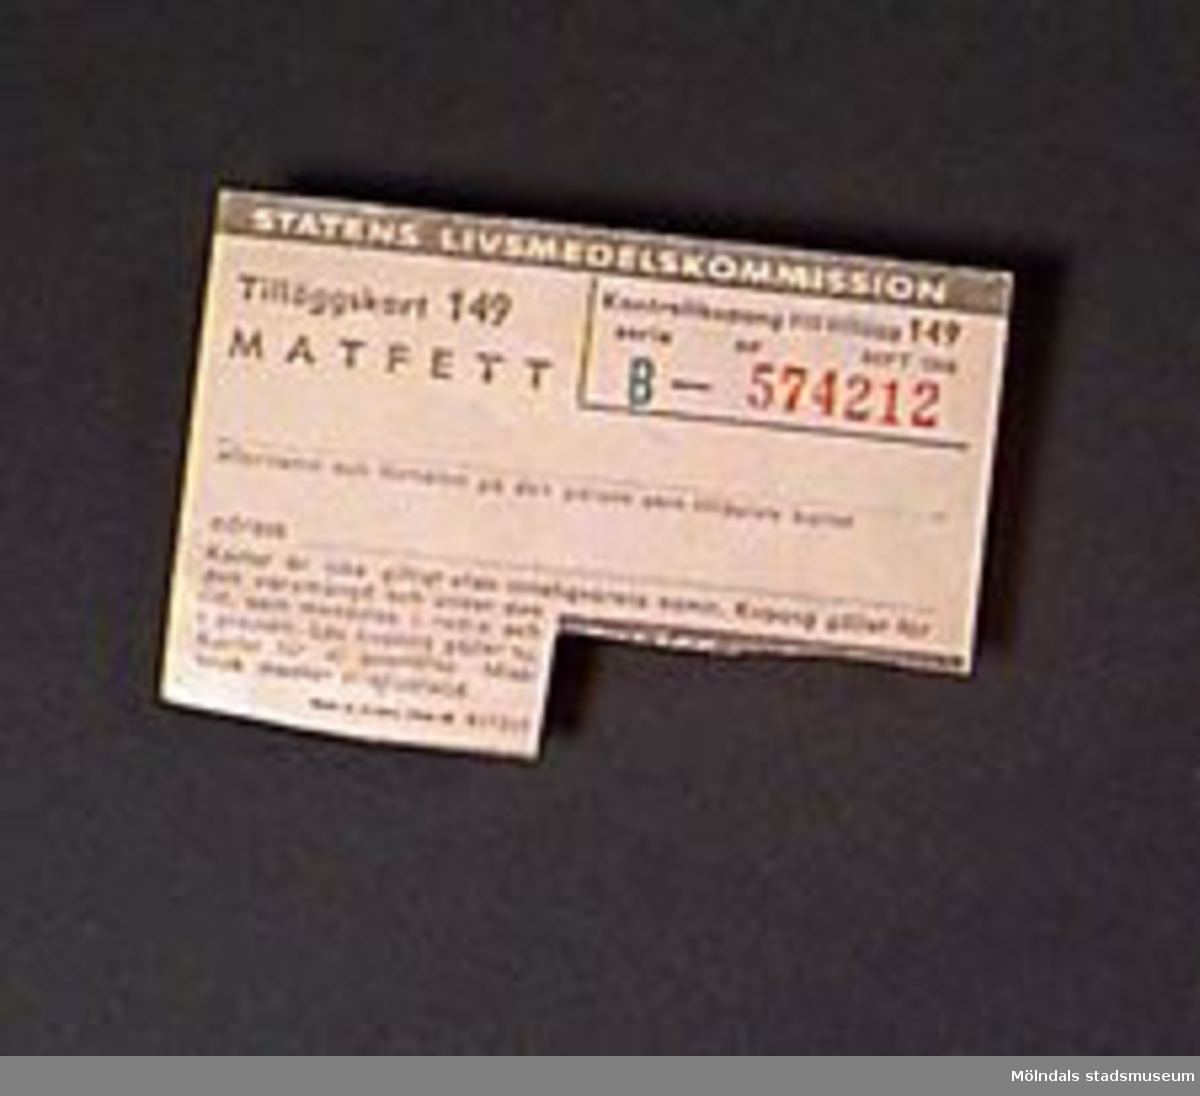 """Ransoneringskort för matfett. Kortet tillverkat för Statens livsmedelskommission. Gulbrunt papper med brun tryckt text. Serienummer tryckt i grönt och rött - """"B - 574212""""."""